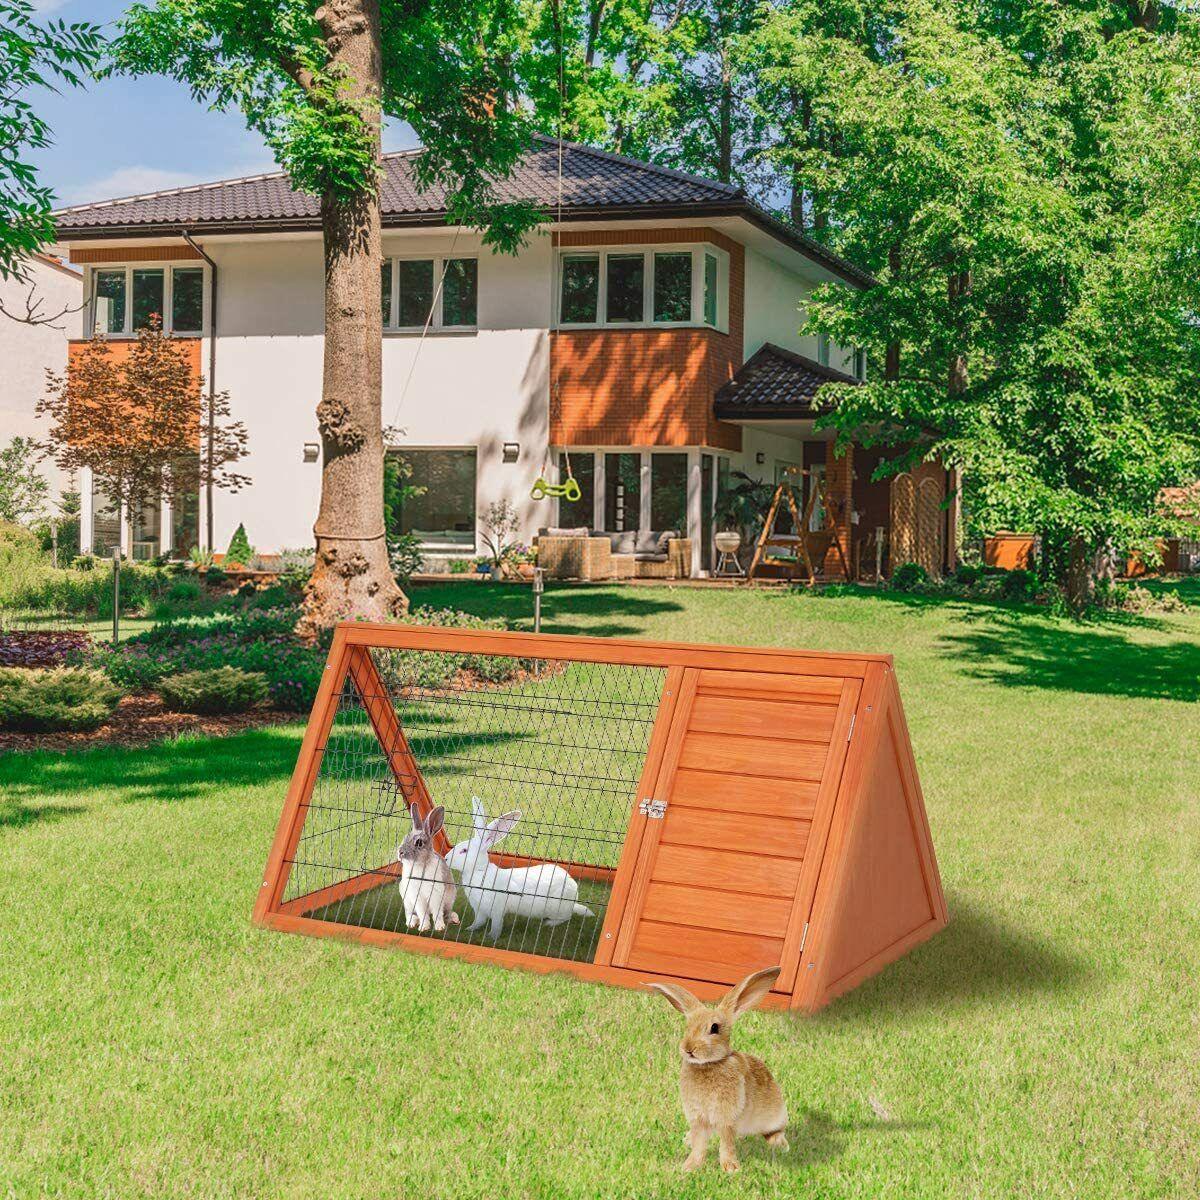 AECOJOY 43″ Wooden Rabbit Hutch Chicken Cage Hen Coop Small Animal Enclosure Cages, Hutches & Enclosure